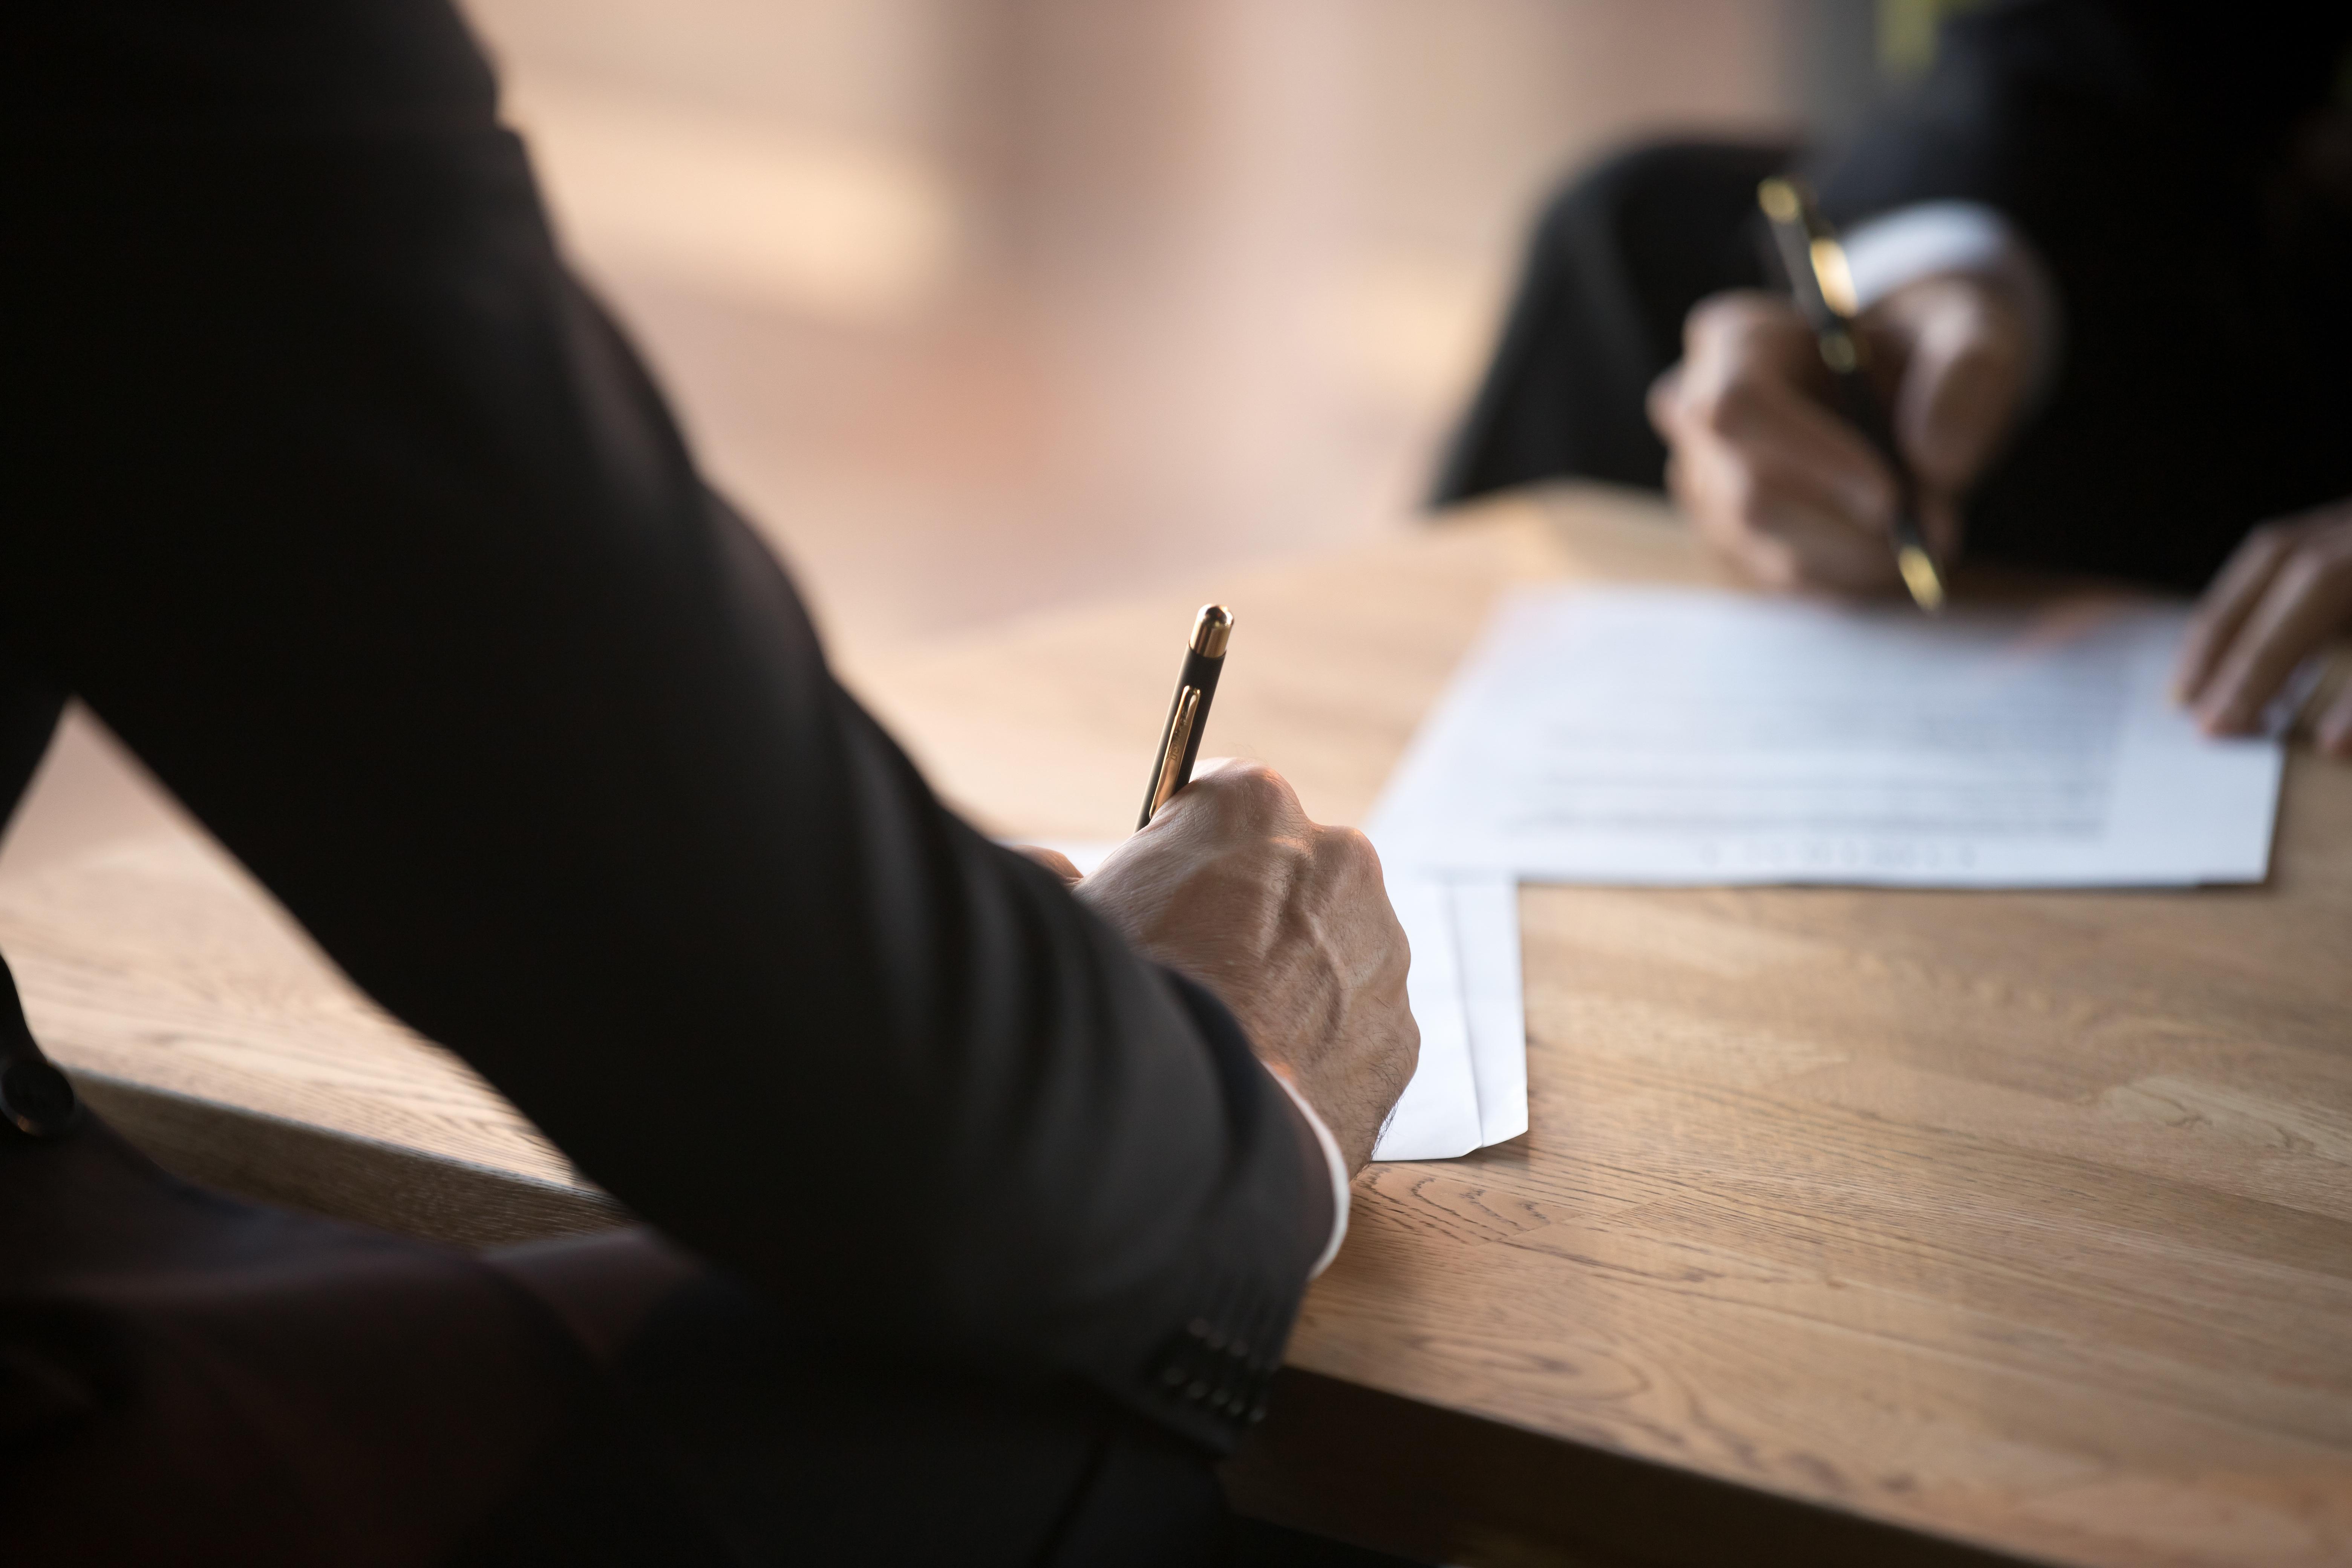 Подписание договора купли/продажи недвижимости в Словении